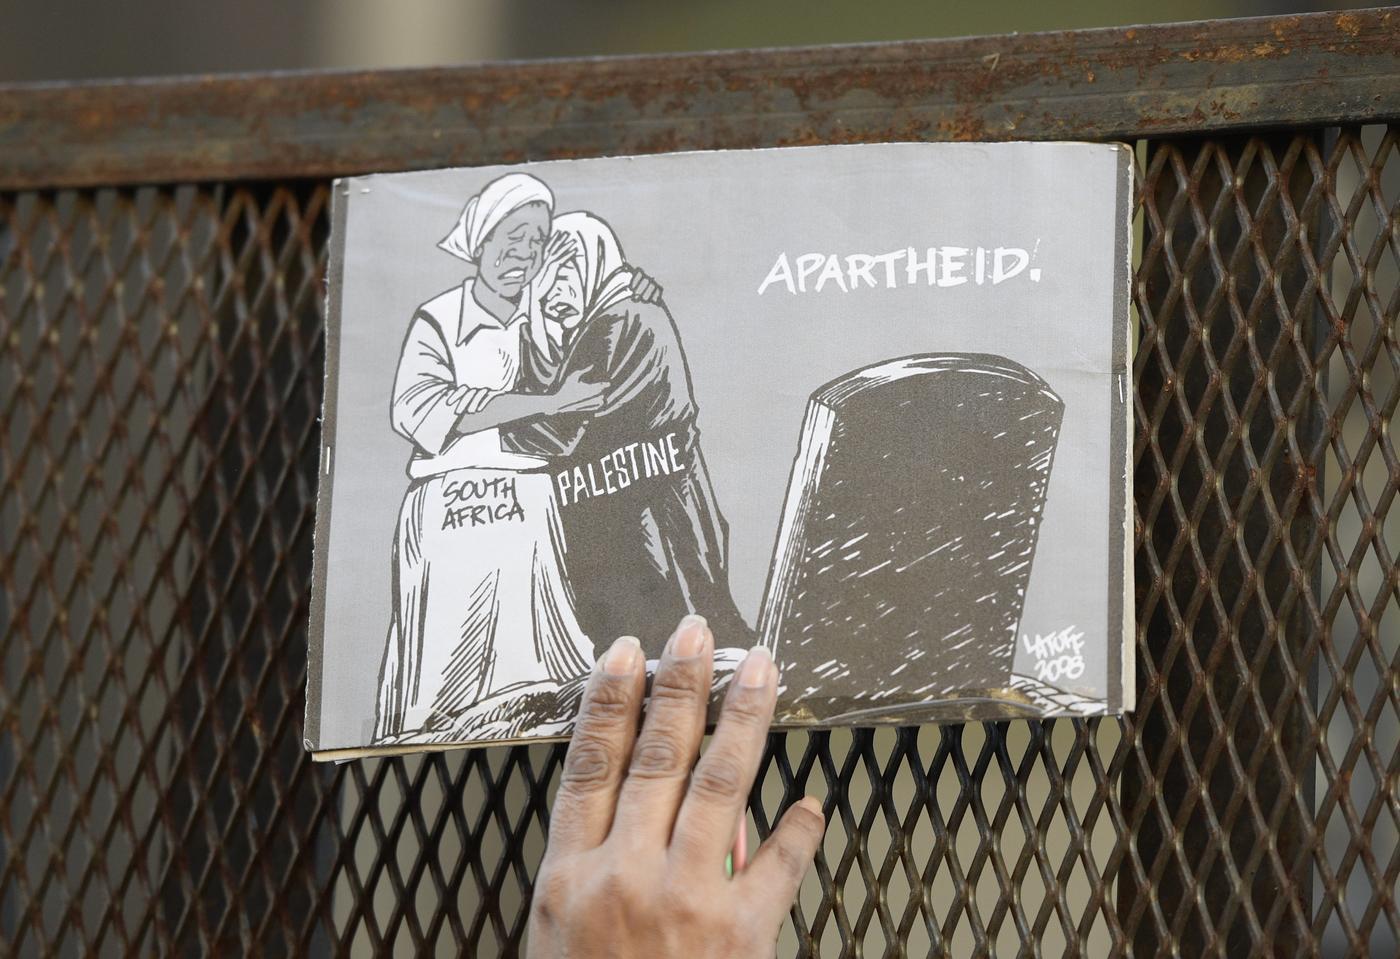 Une caricature contre l'apartheid et le racisme placée sur une barrière de sécurité, lors d'une manifestation devant l'ambassade israélienne, à Buenos Aires (Argentine), le 12 septembre 2017 (AFP)